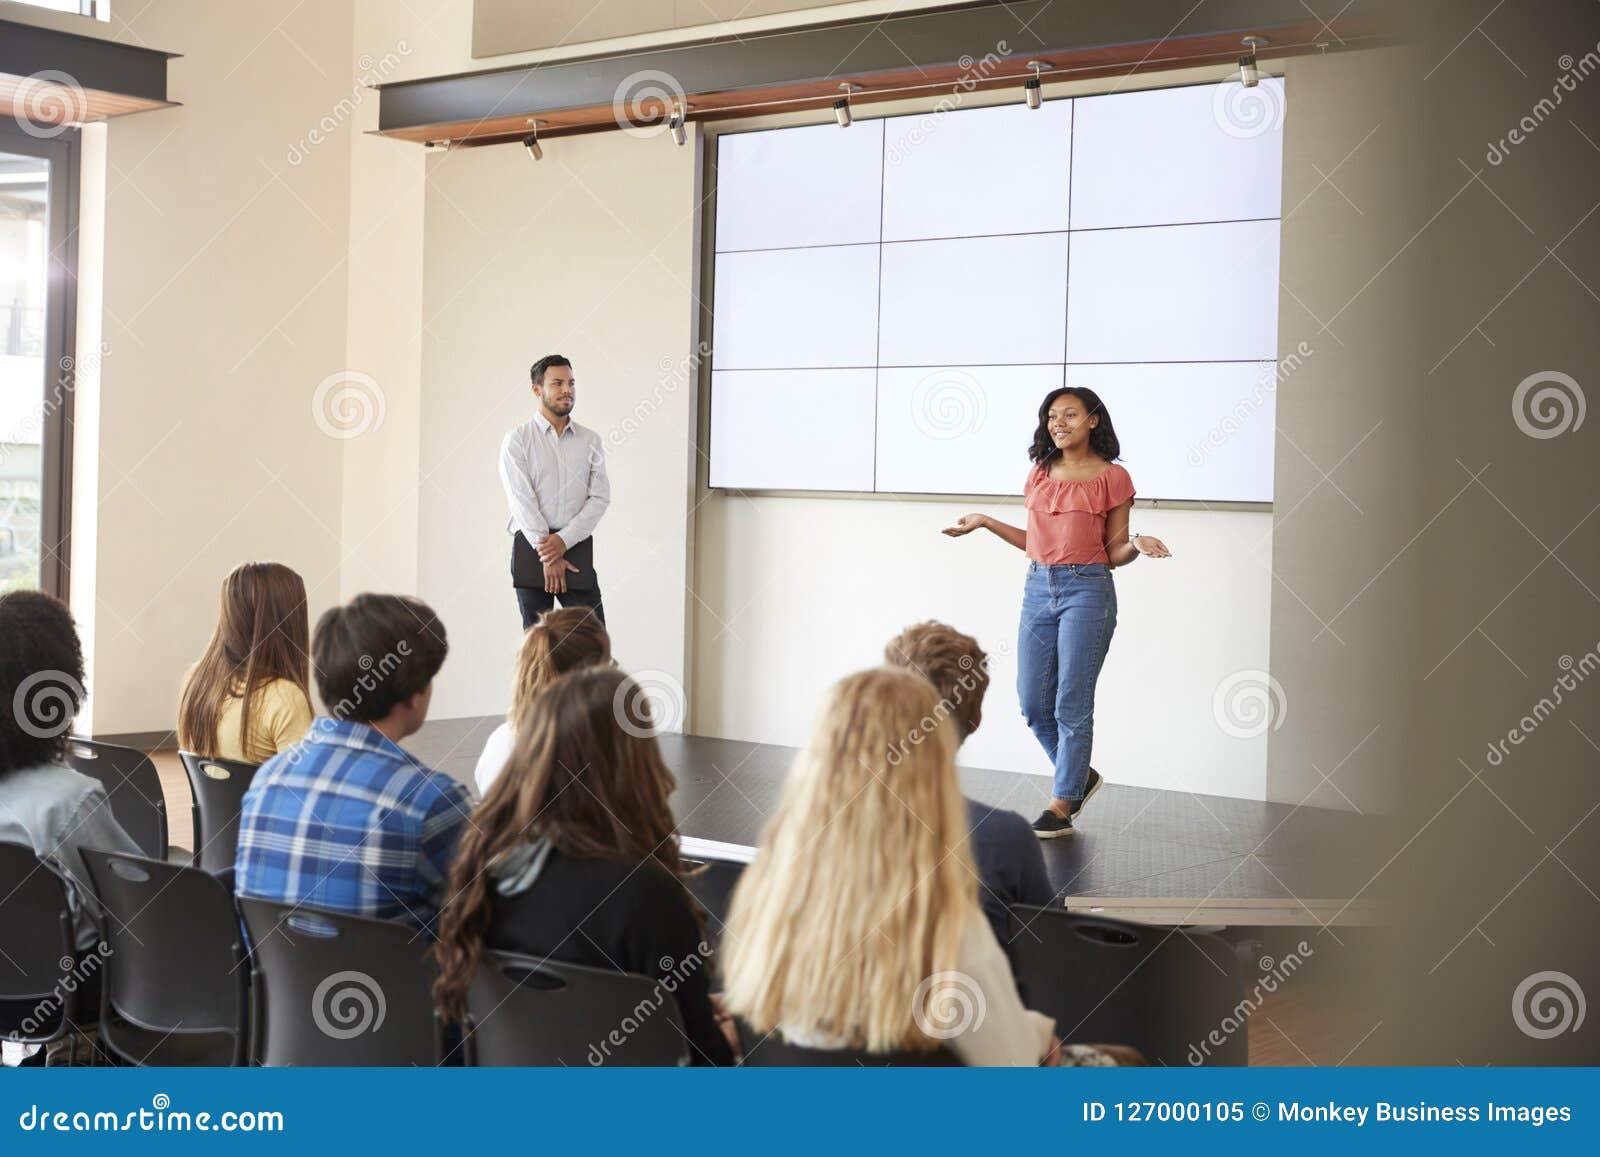 Студентка давая представление к классу средней школы перед экраном